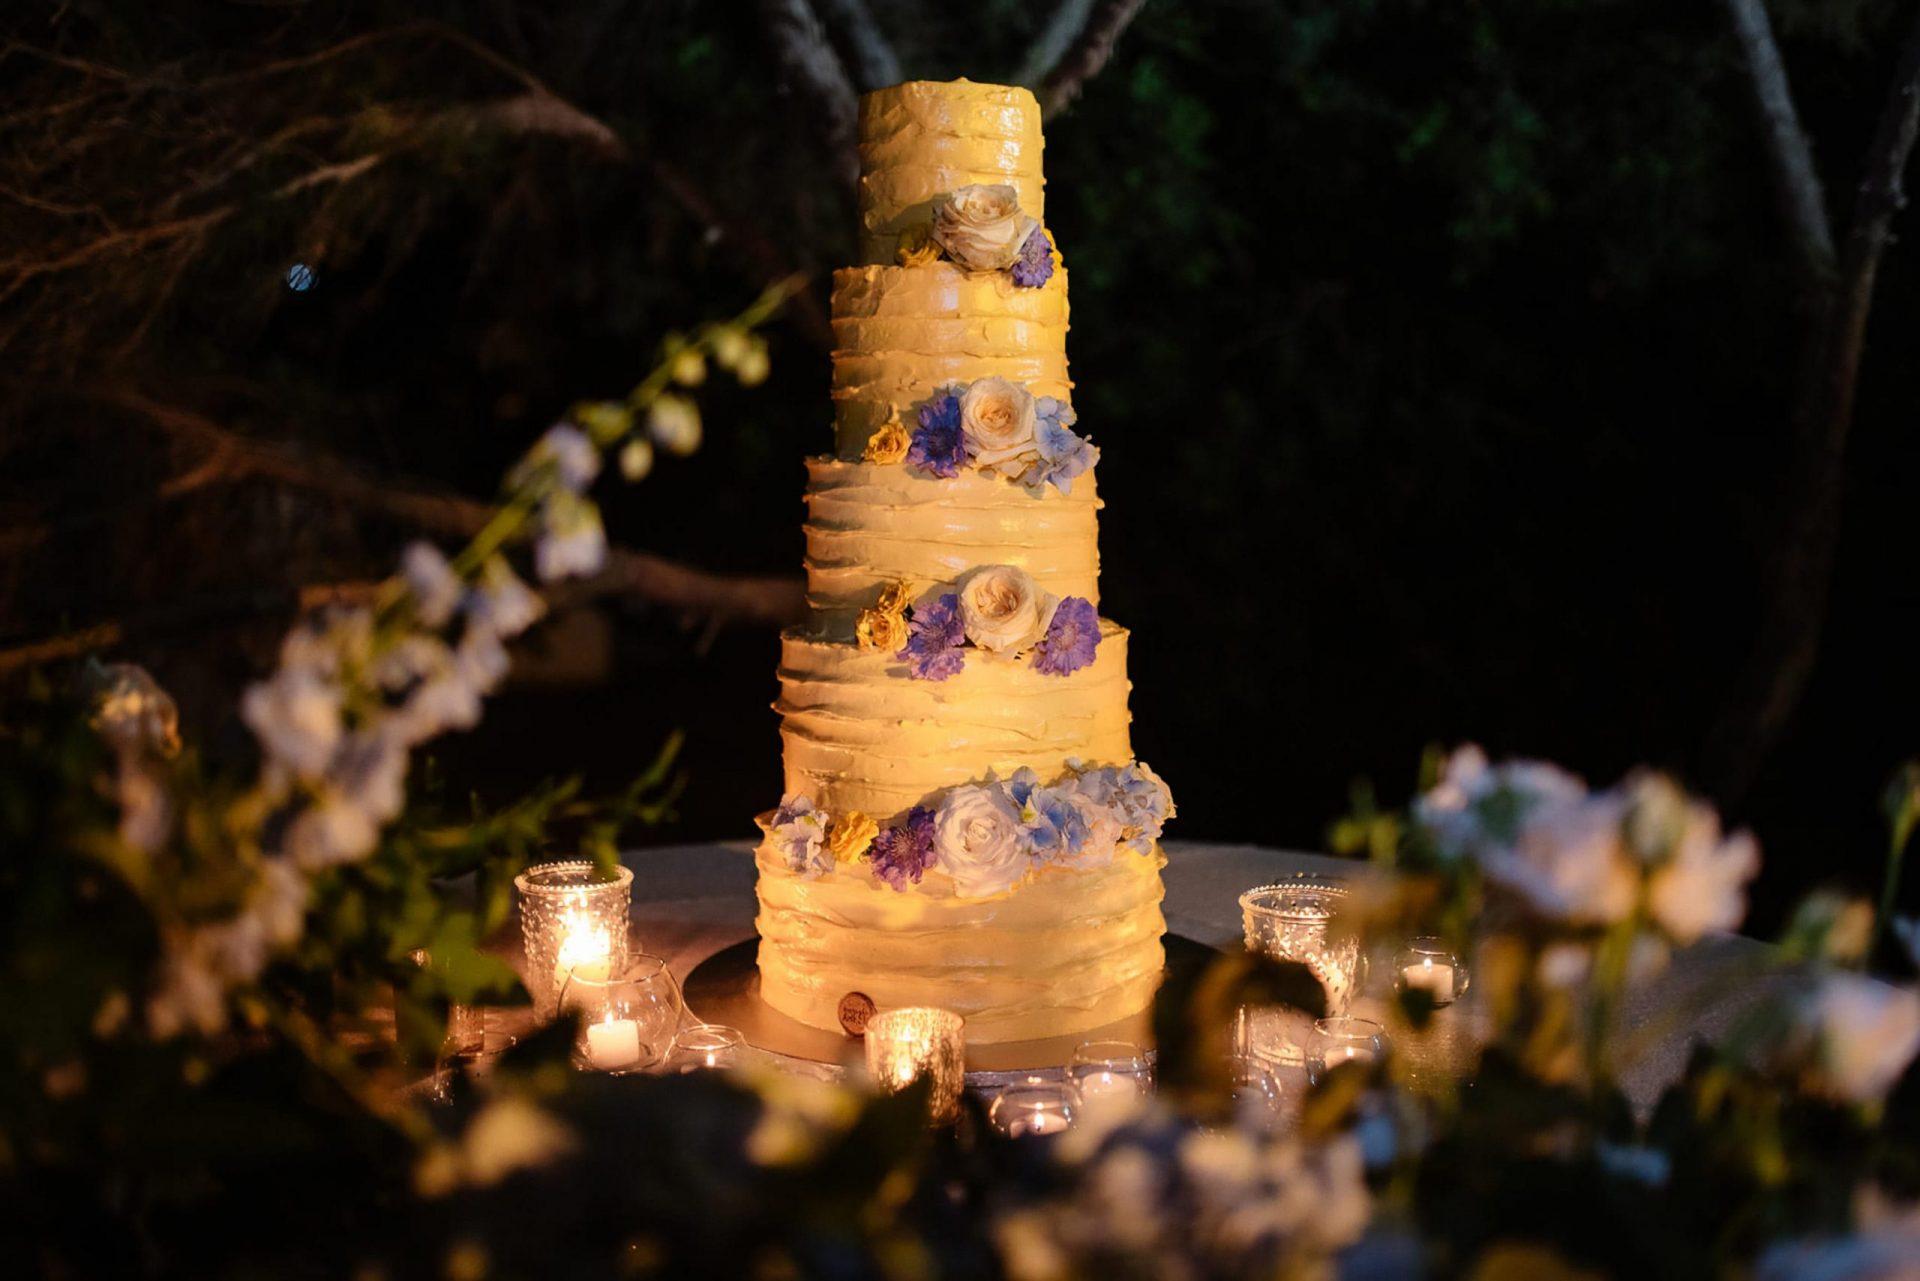 Linda and Enrico, the wedding cake